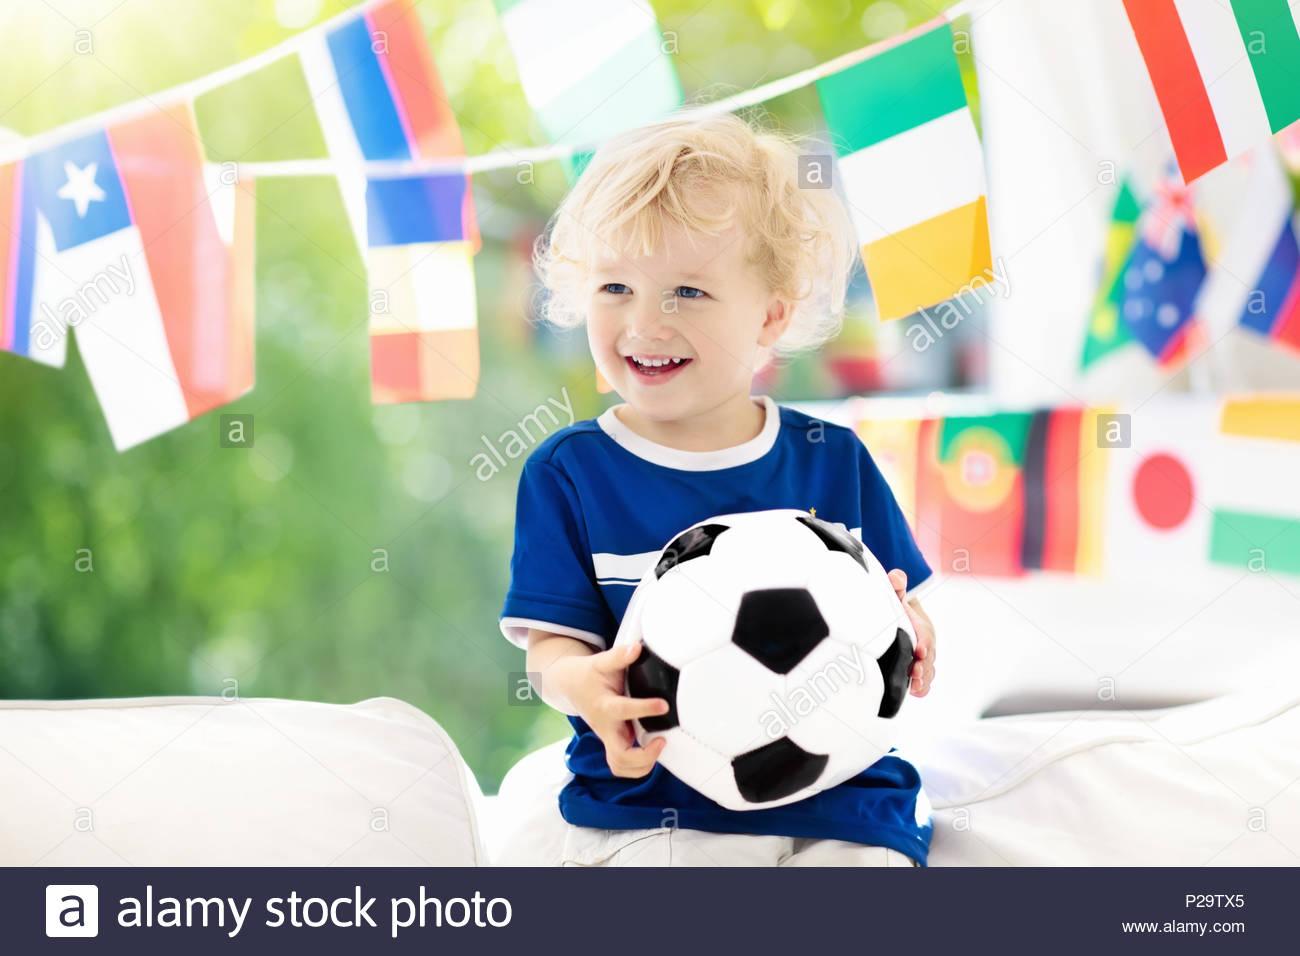 Jeu Enfant Regarder Le Football À La Télévision. Petit serapportantà Les Jeux De Petit Garcon